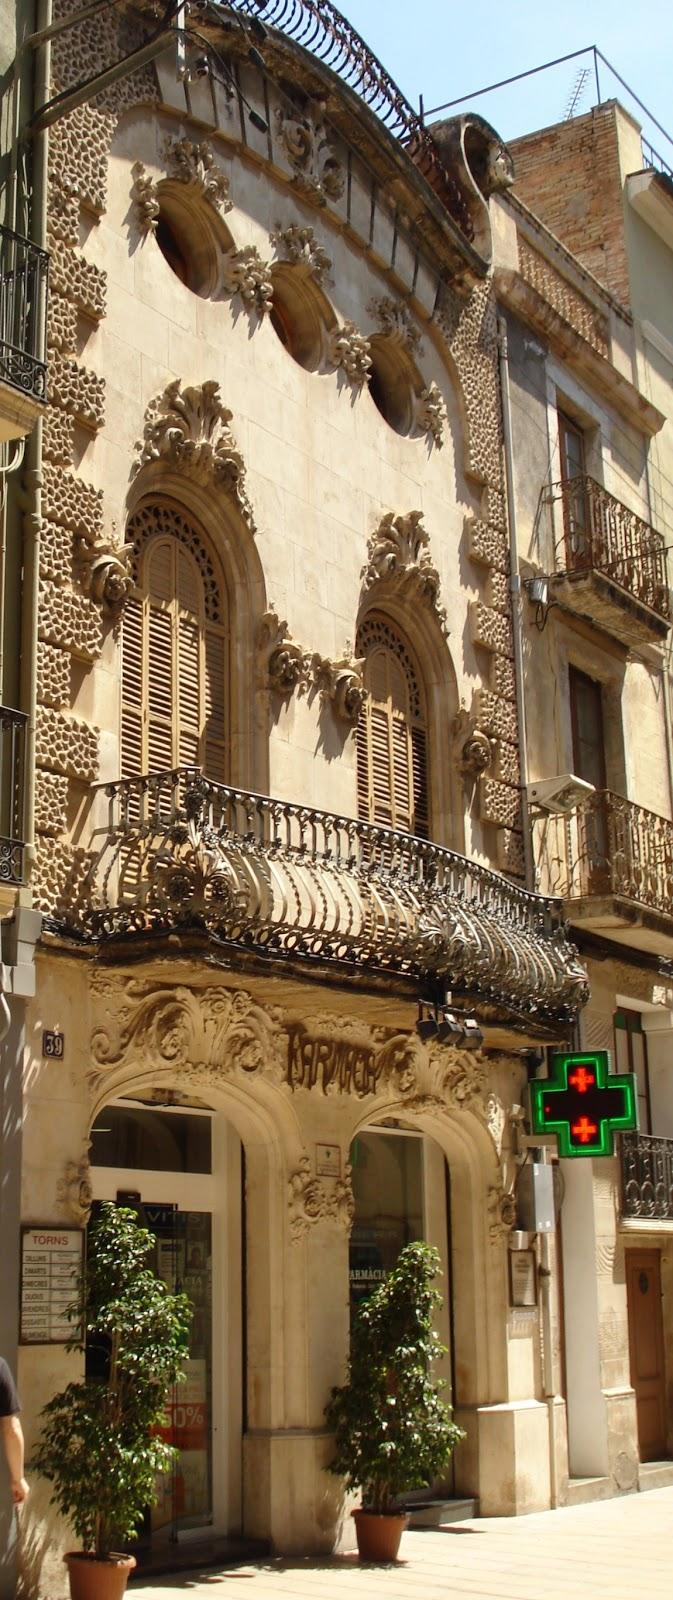 Tot son punts de vista la casa josep guasch i estalella for Morato vilafranca